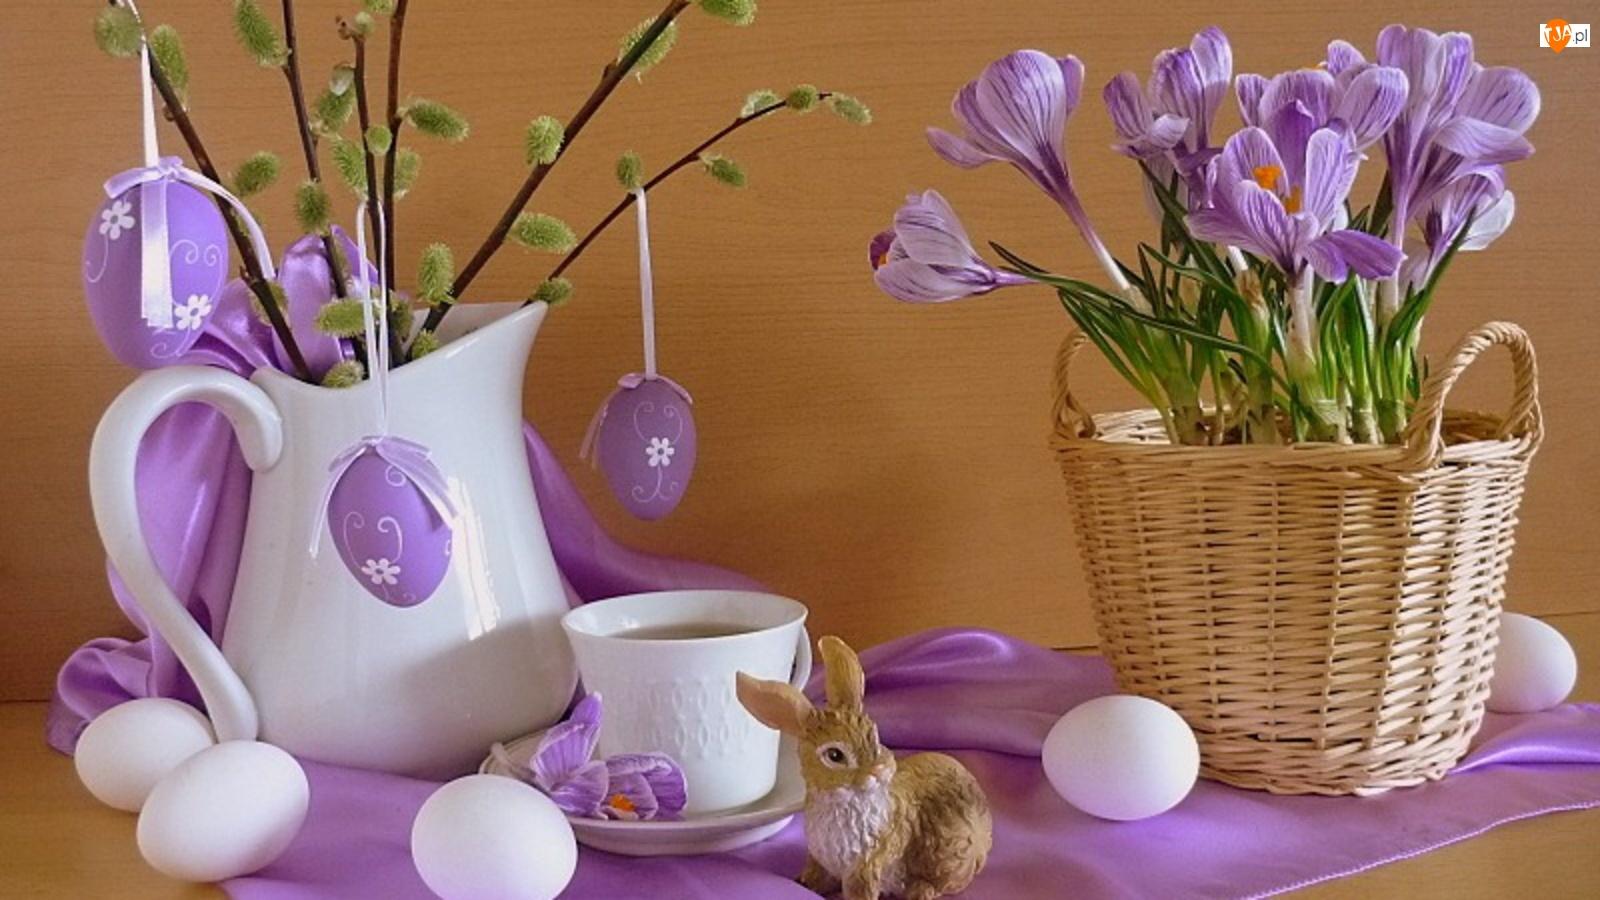 Fioletowe, Wielkanocna, Kwiaty, Dekoracja